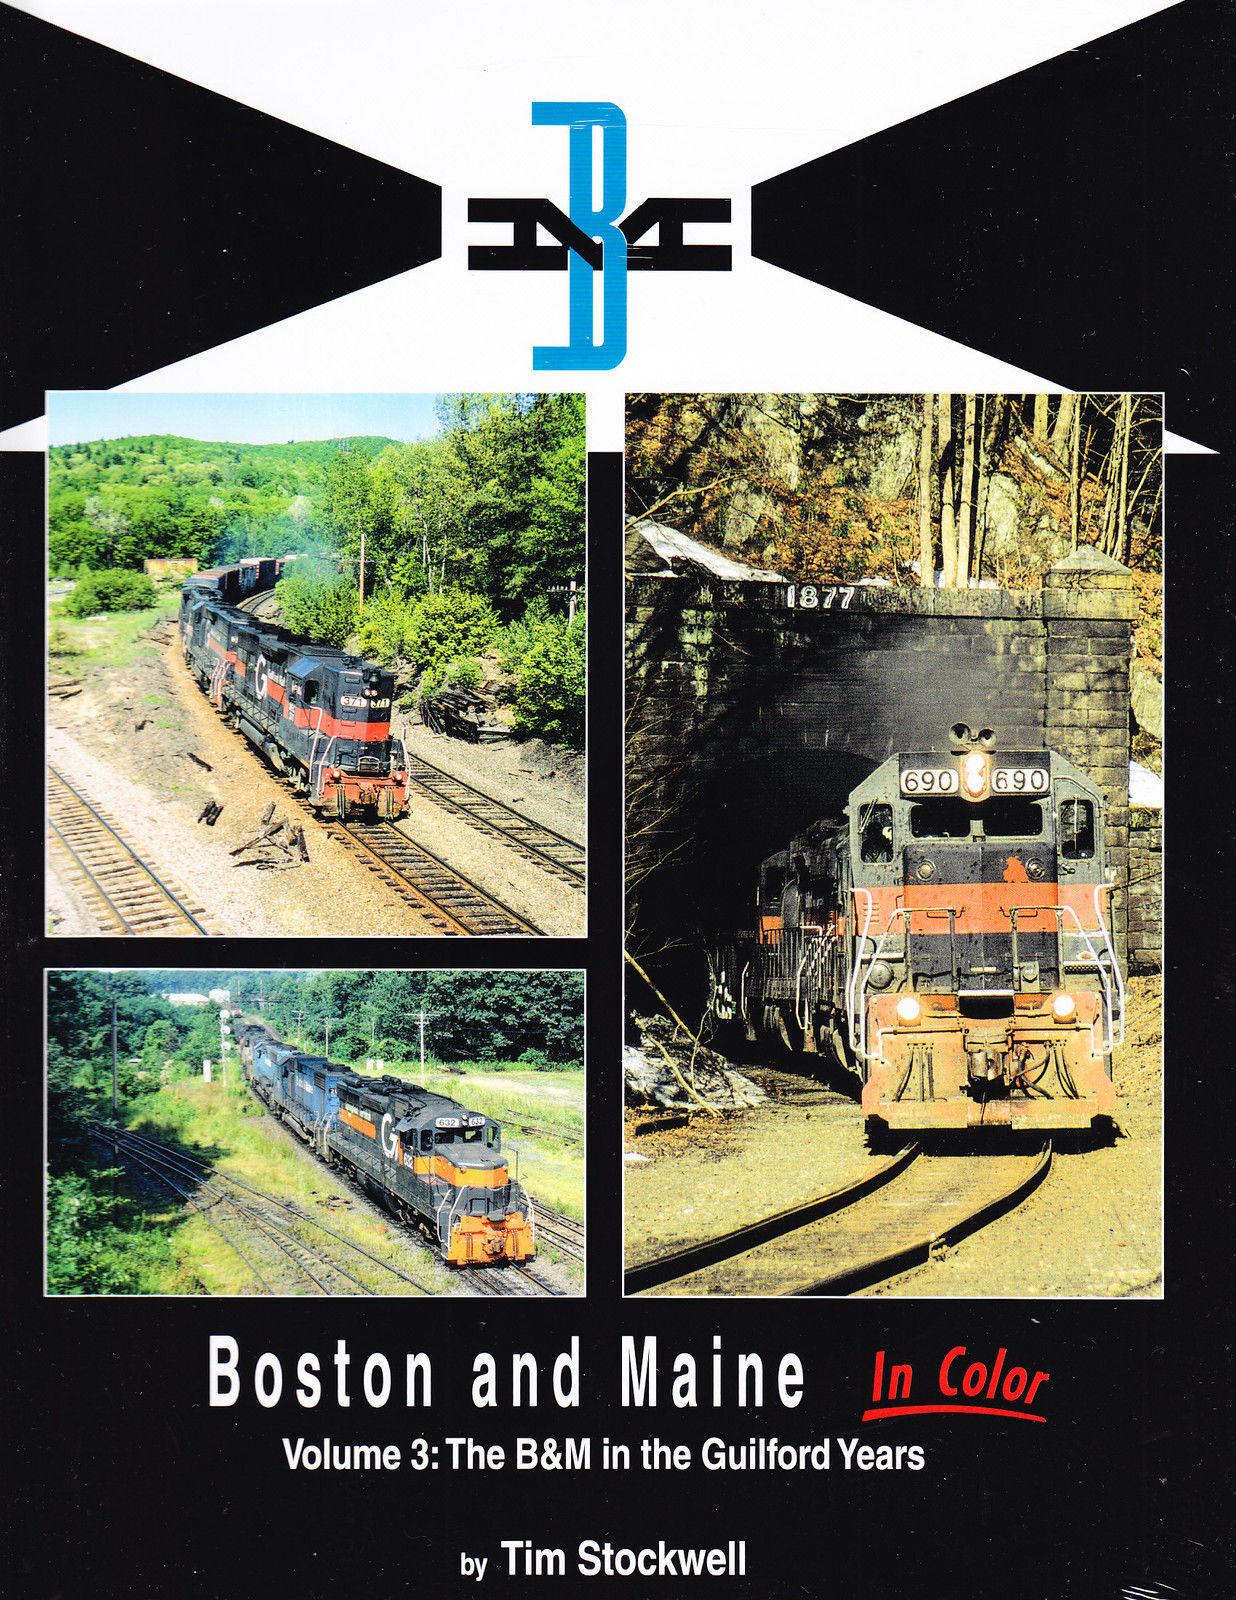 Boston & Maine in Colore: The Guilford Anni  Nuovo Libro